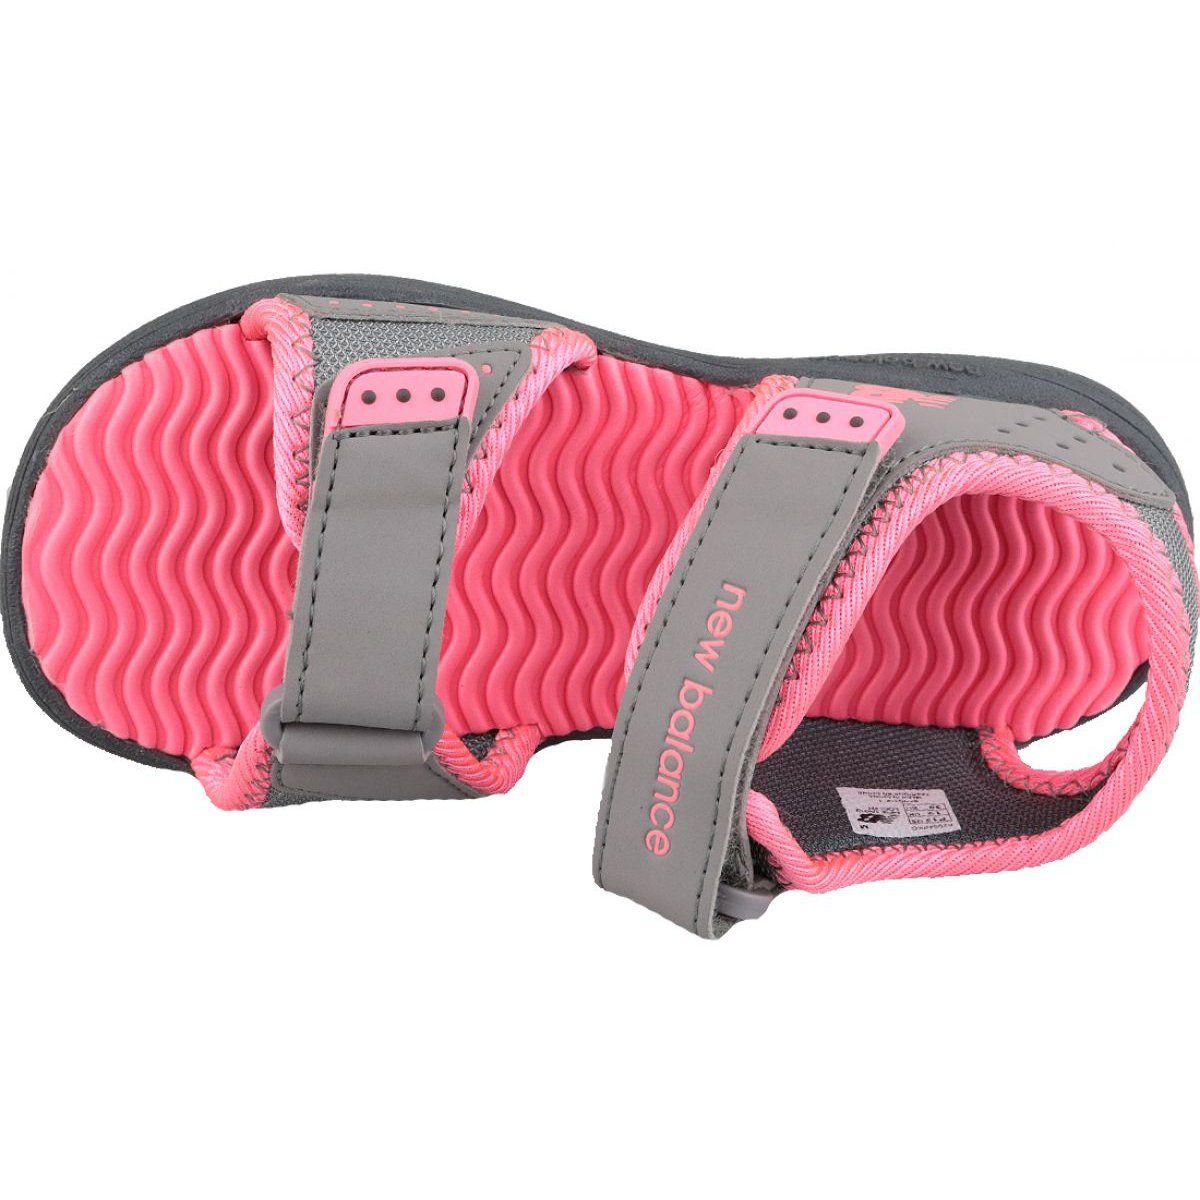 Buty Sportowe Dzieciece Dla Dzieci Americanclub Rozowe Dziewczece Buciki Na Rzep American Club Dc Sneaker New Balance Sneaker Shoes